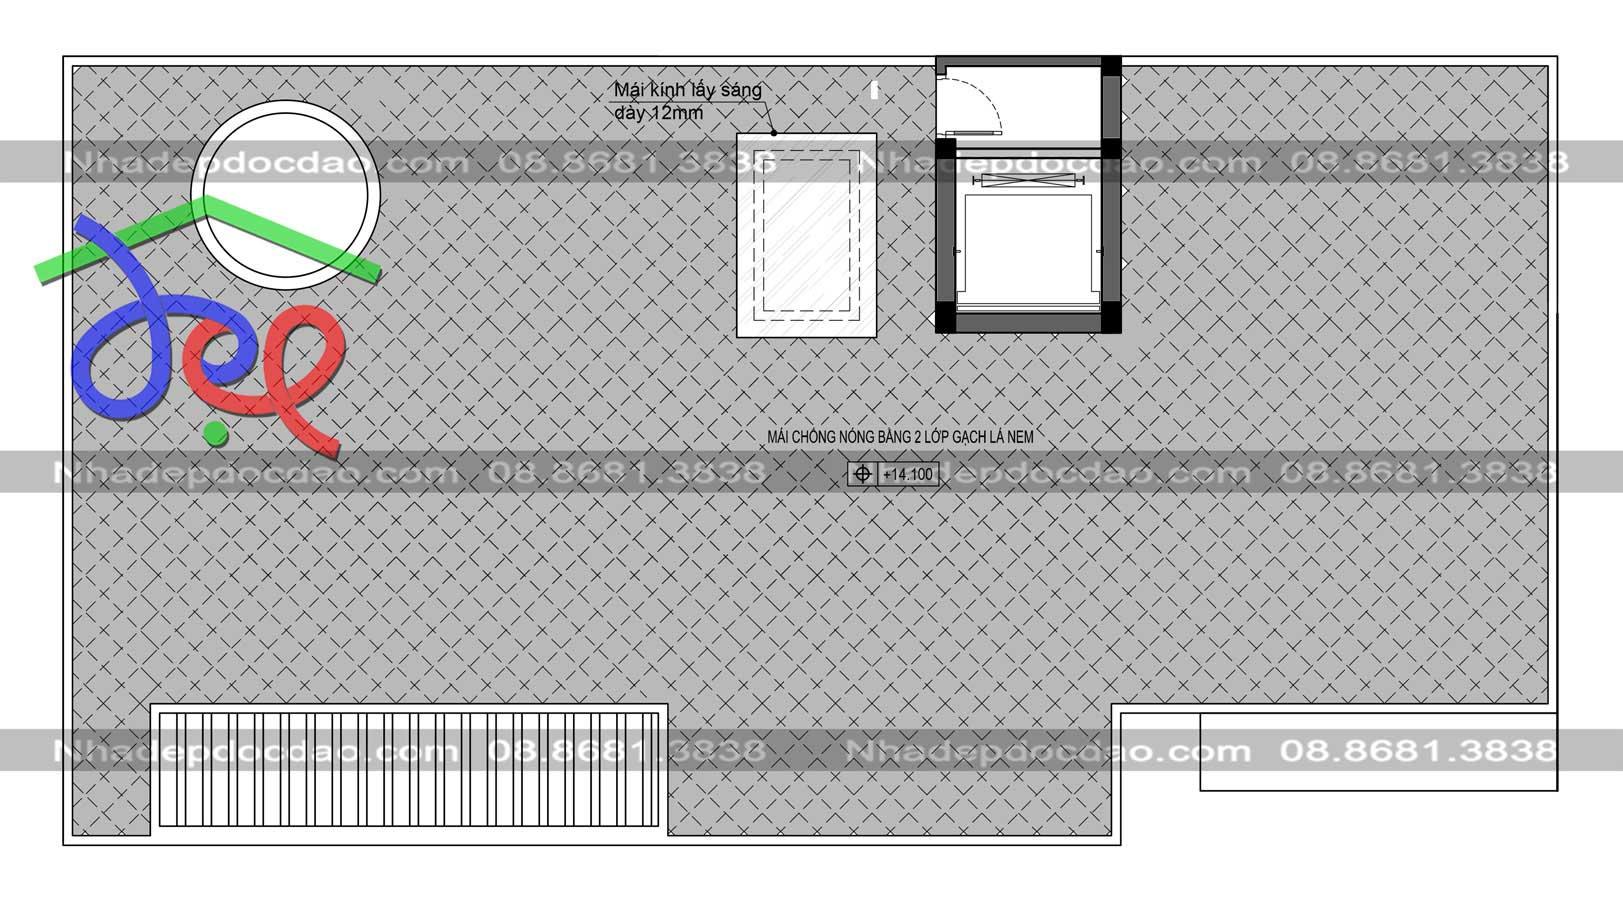 Thiết kế biệt thự phố 4 tầng hai mặt tiền kết hợp kinh doanh